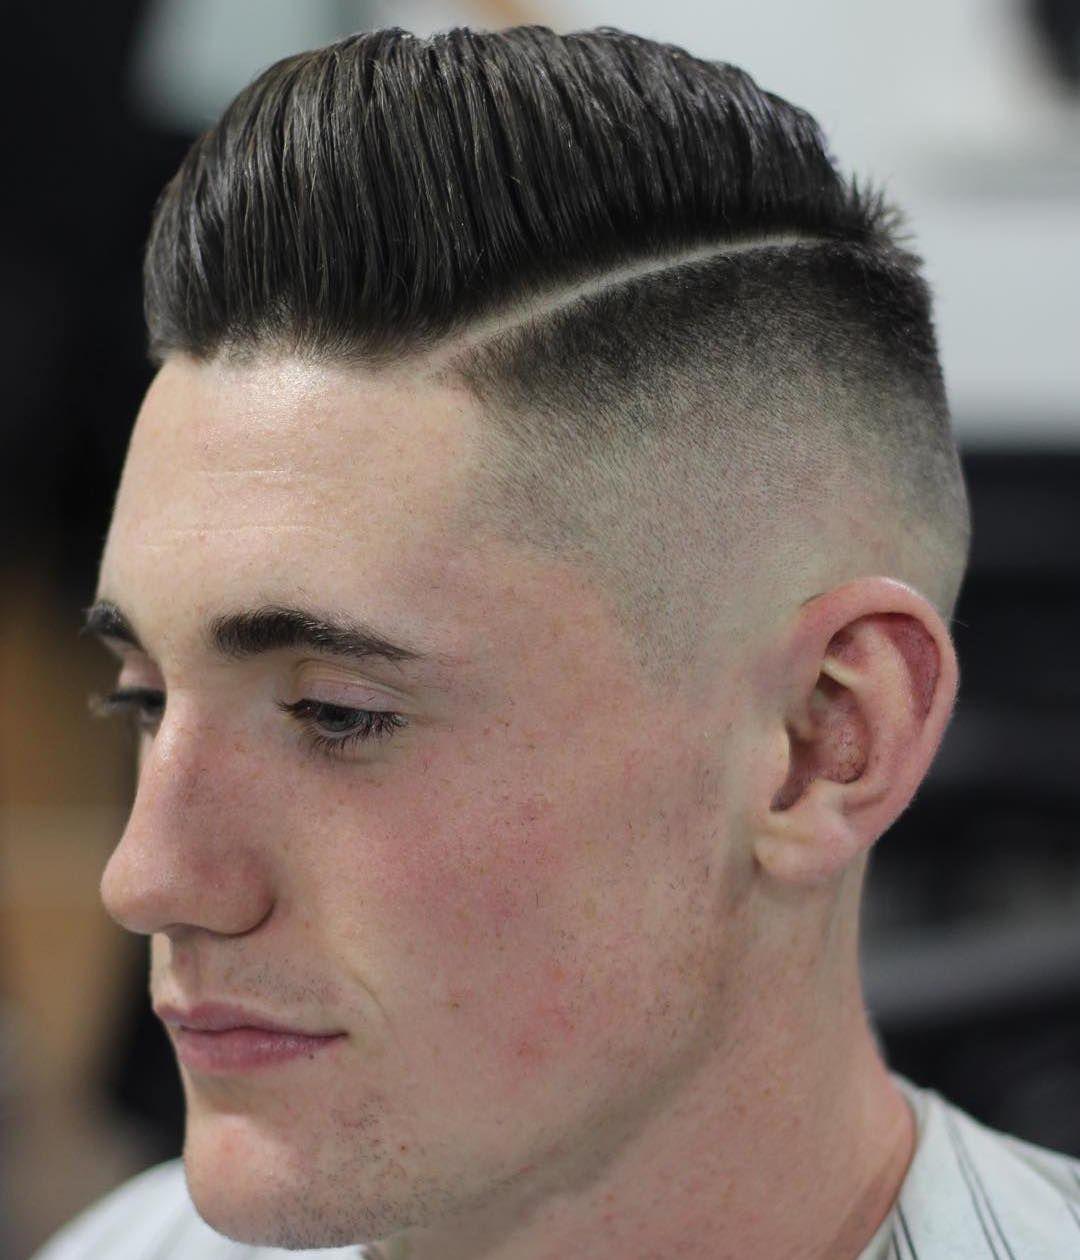 top 25 men's haircut style 2015 | mens haircuts | hair